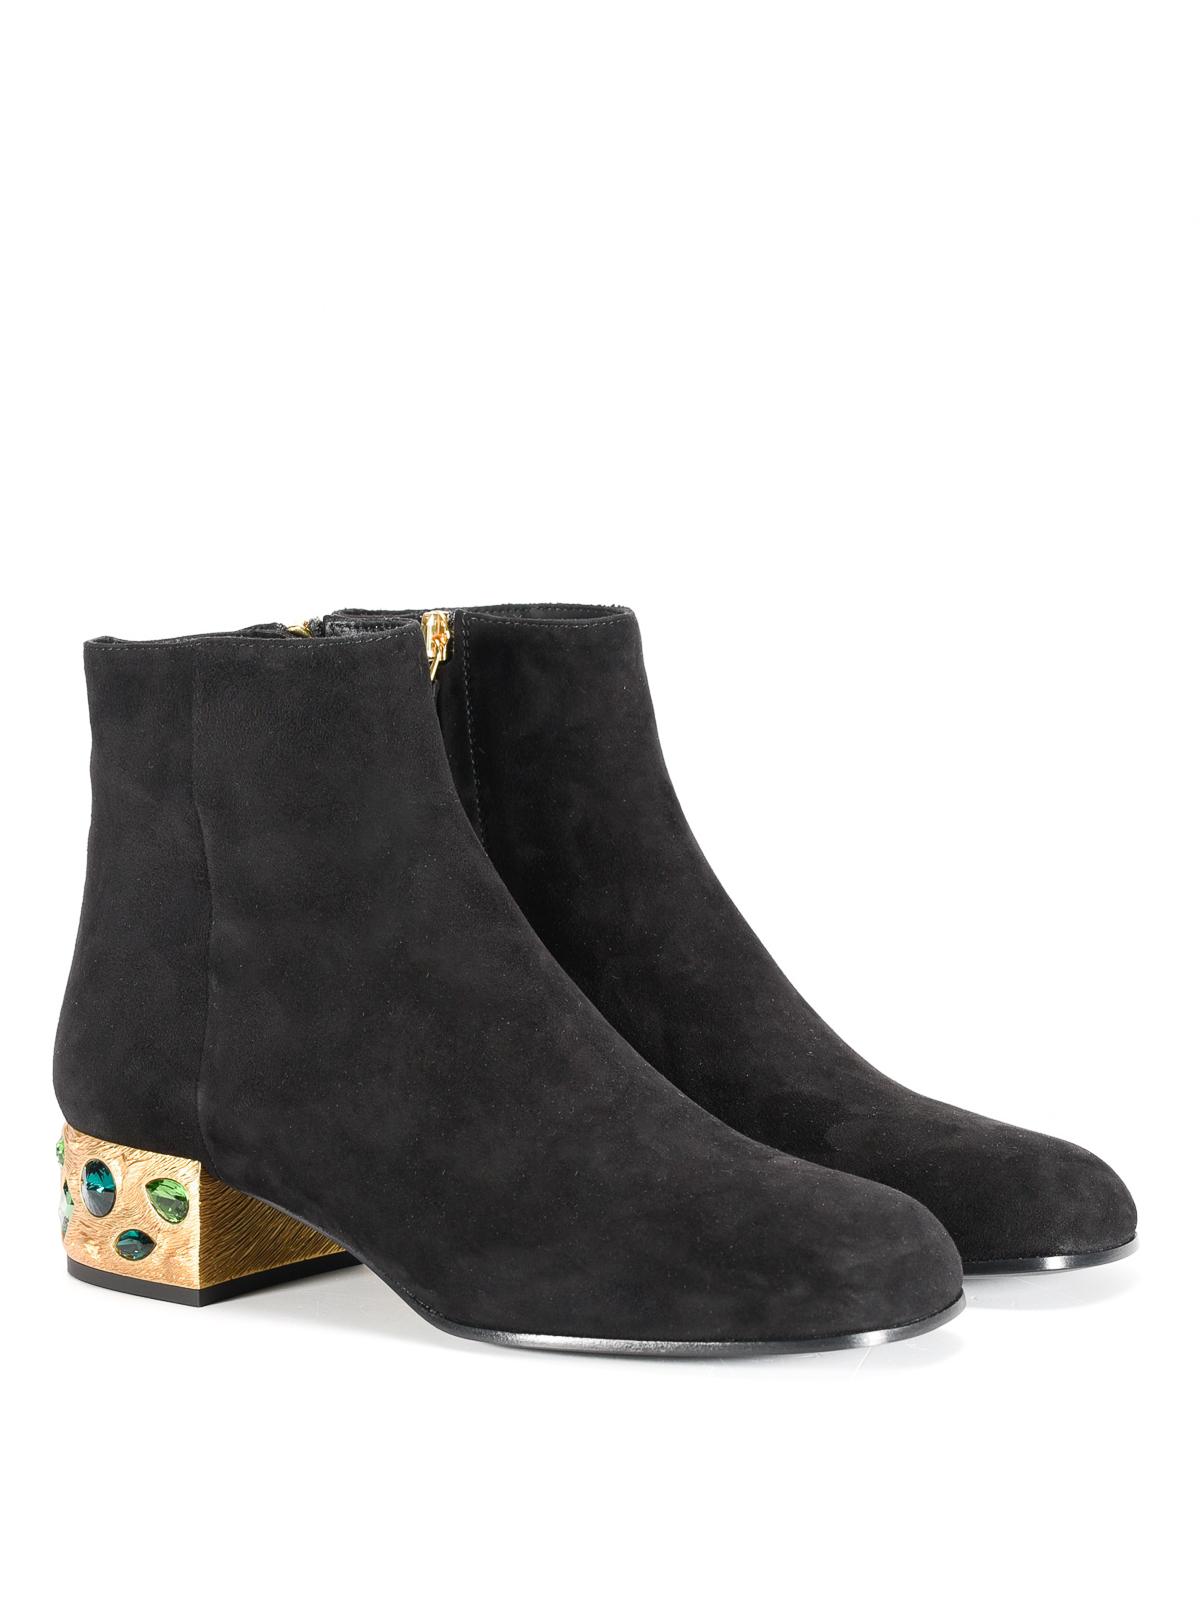 Prada - Jewel heel suede ankle boots